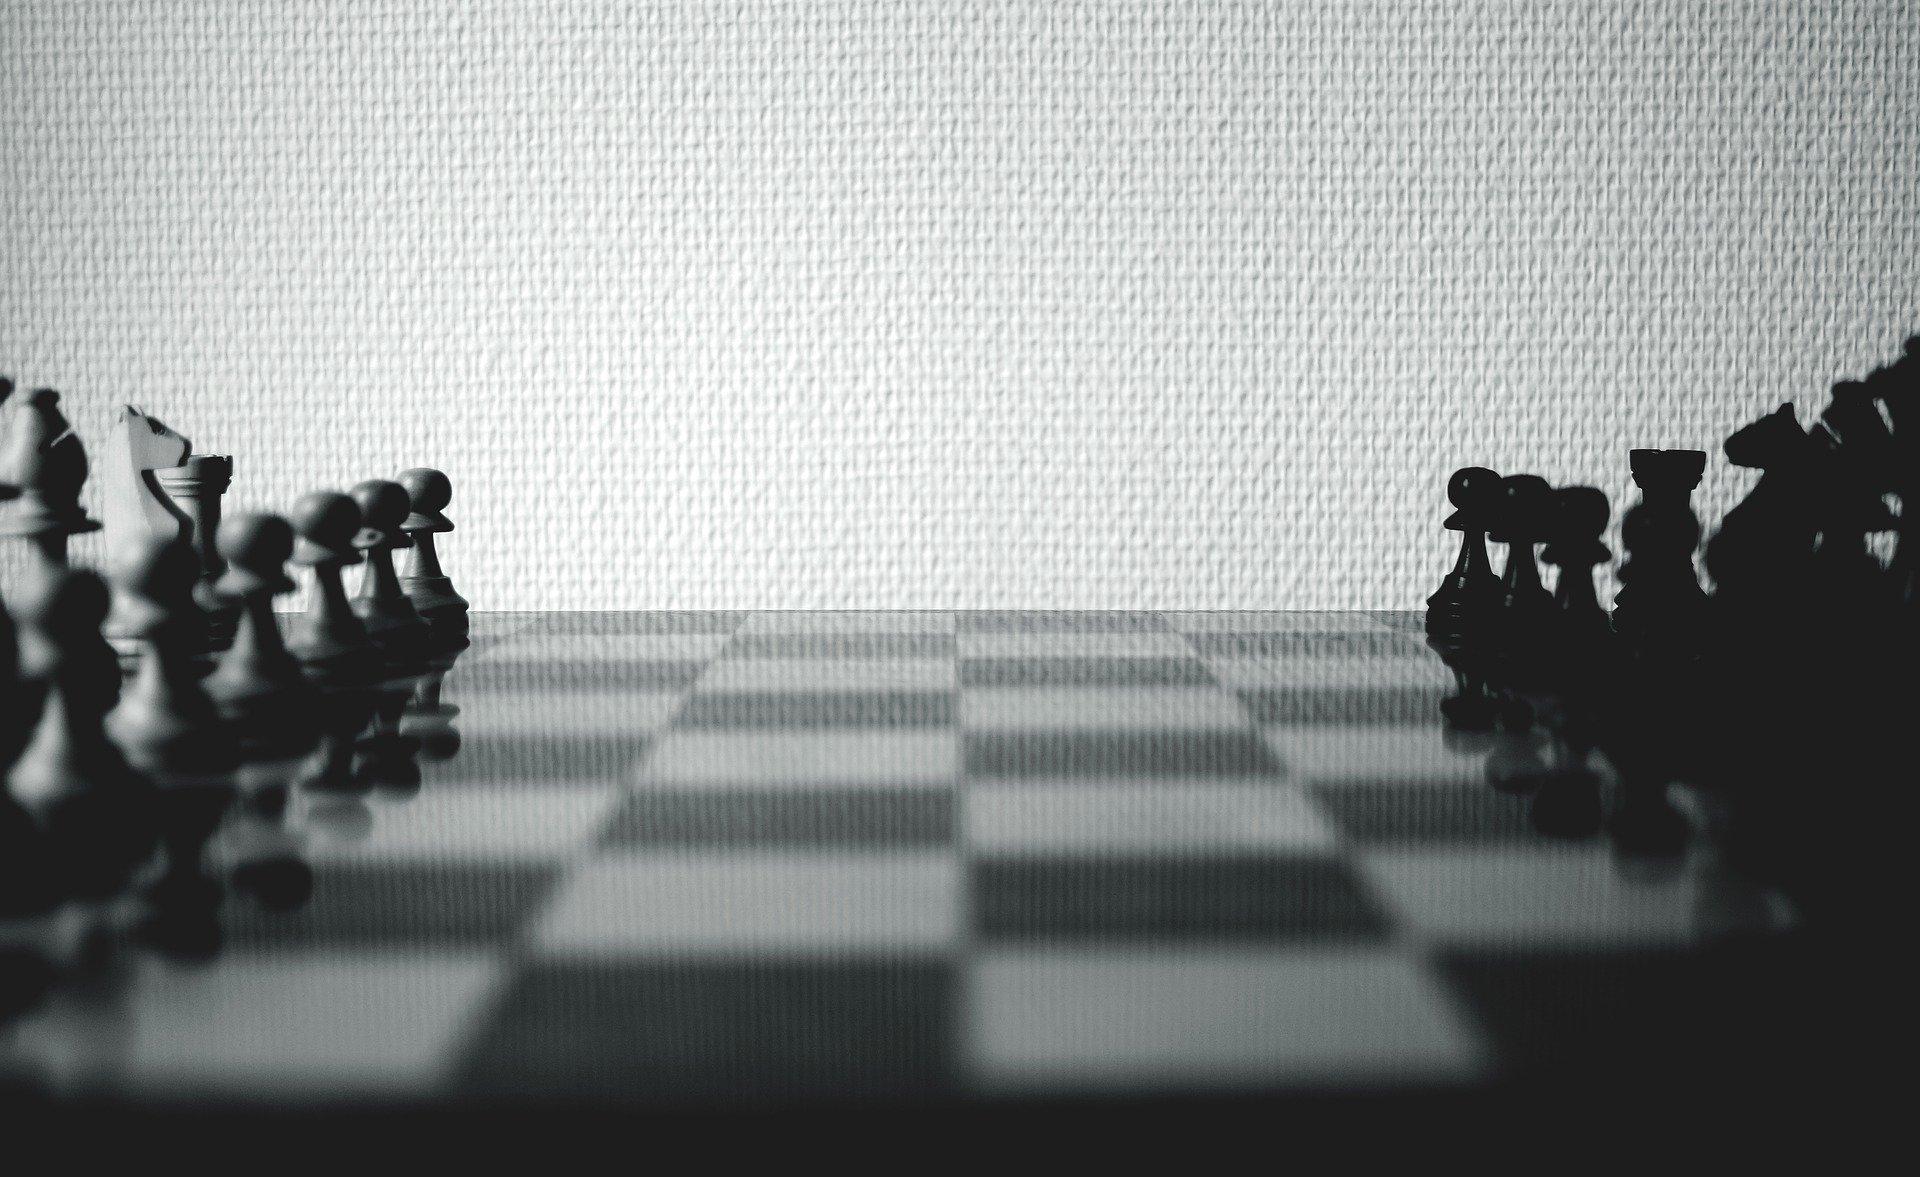 Guerra di dazi fra Usa e Cina: ecco come difenderti dalla crisi economica imminente, prima che sia troppo tardi